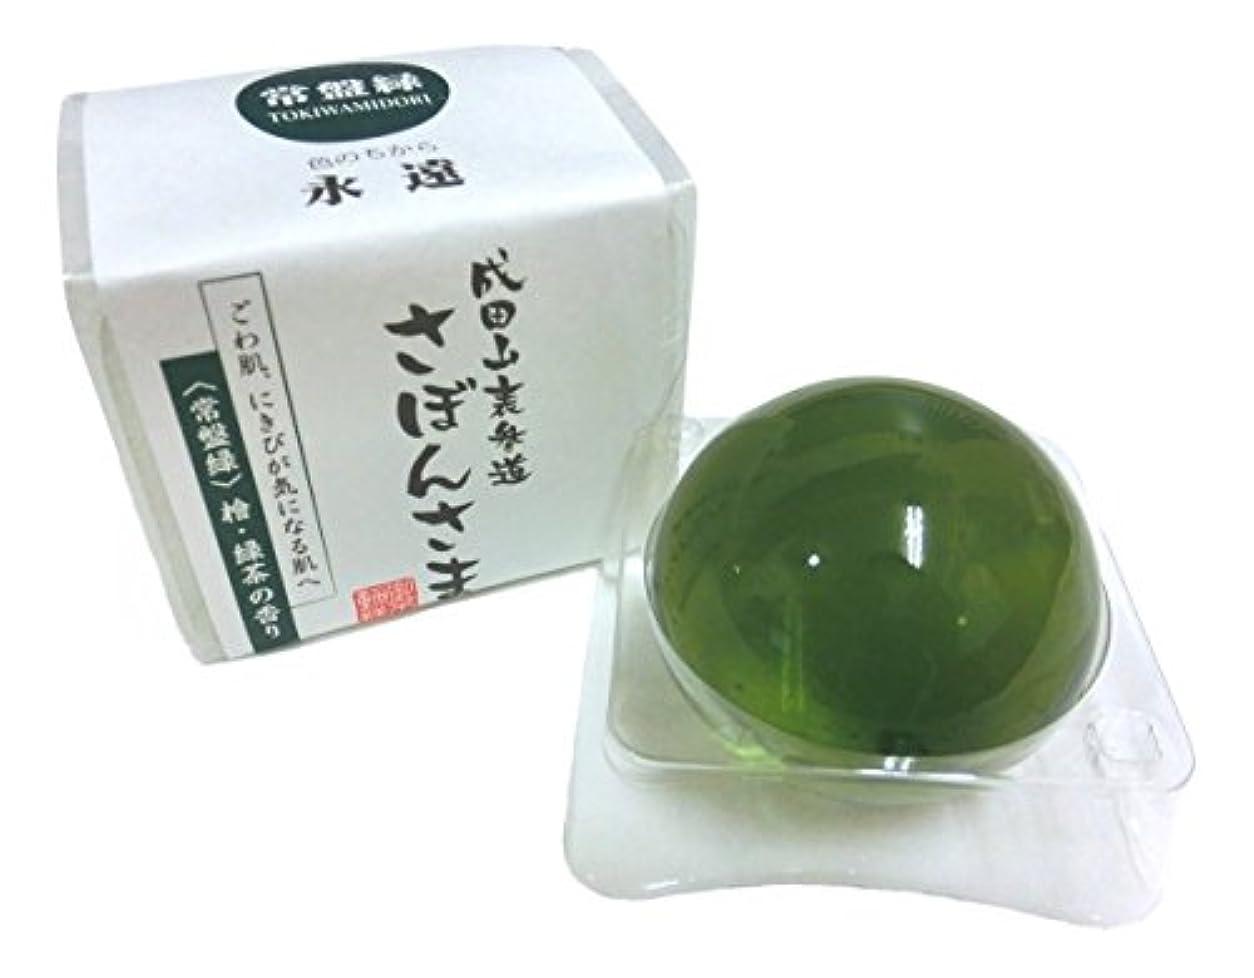 ダイアクリティカル一定中性成田山表参道 さぼんさま〈常盤緑〉檜?緑茶の香り 100g